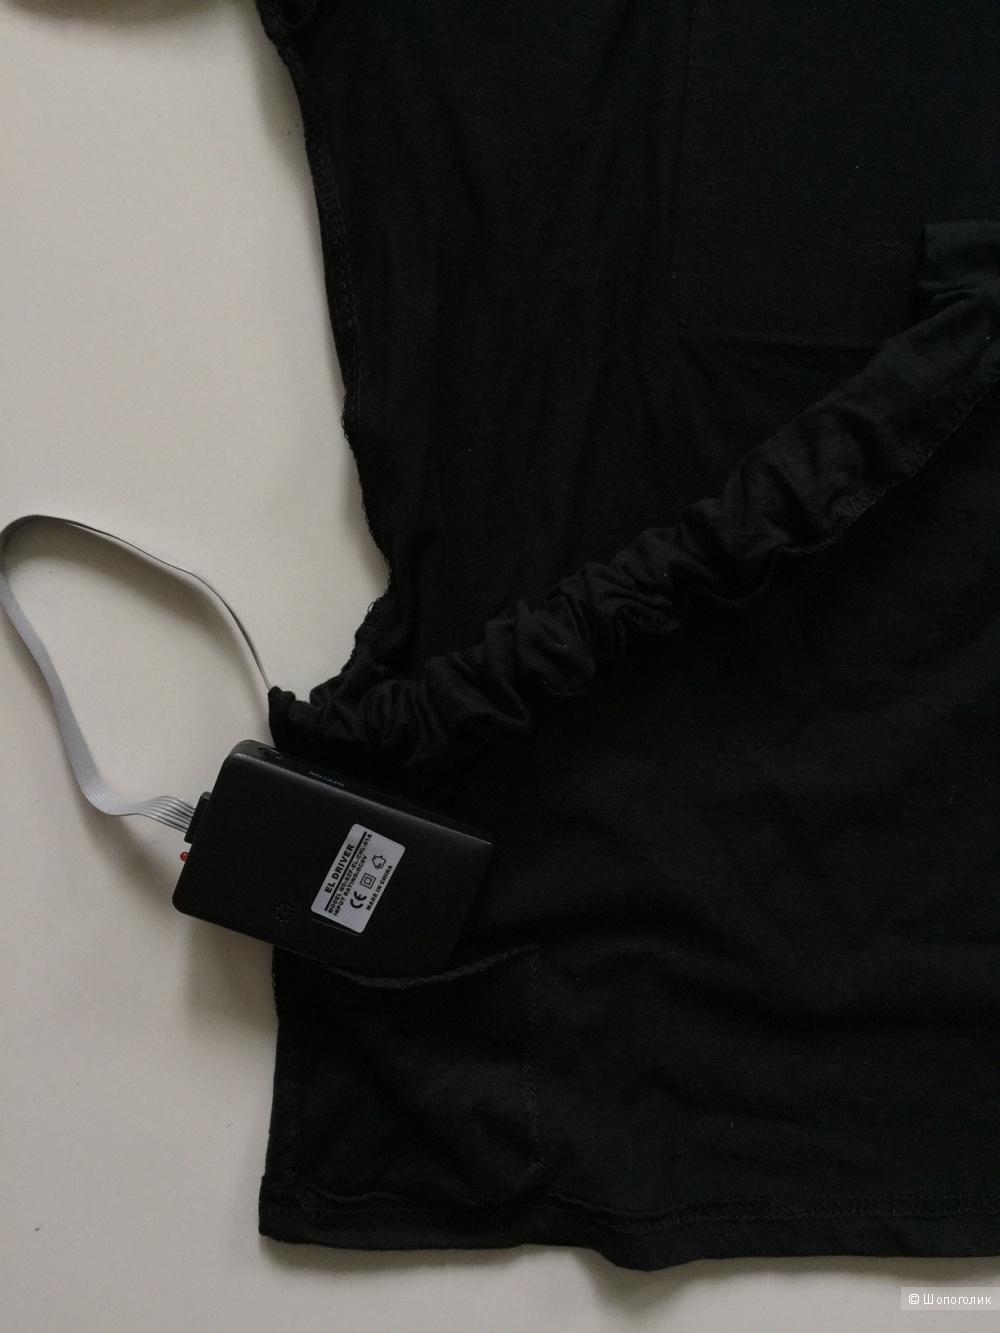 Светящаяся футболка от Andrea Blanco для Tomas Ctuz рамзер S